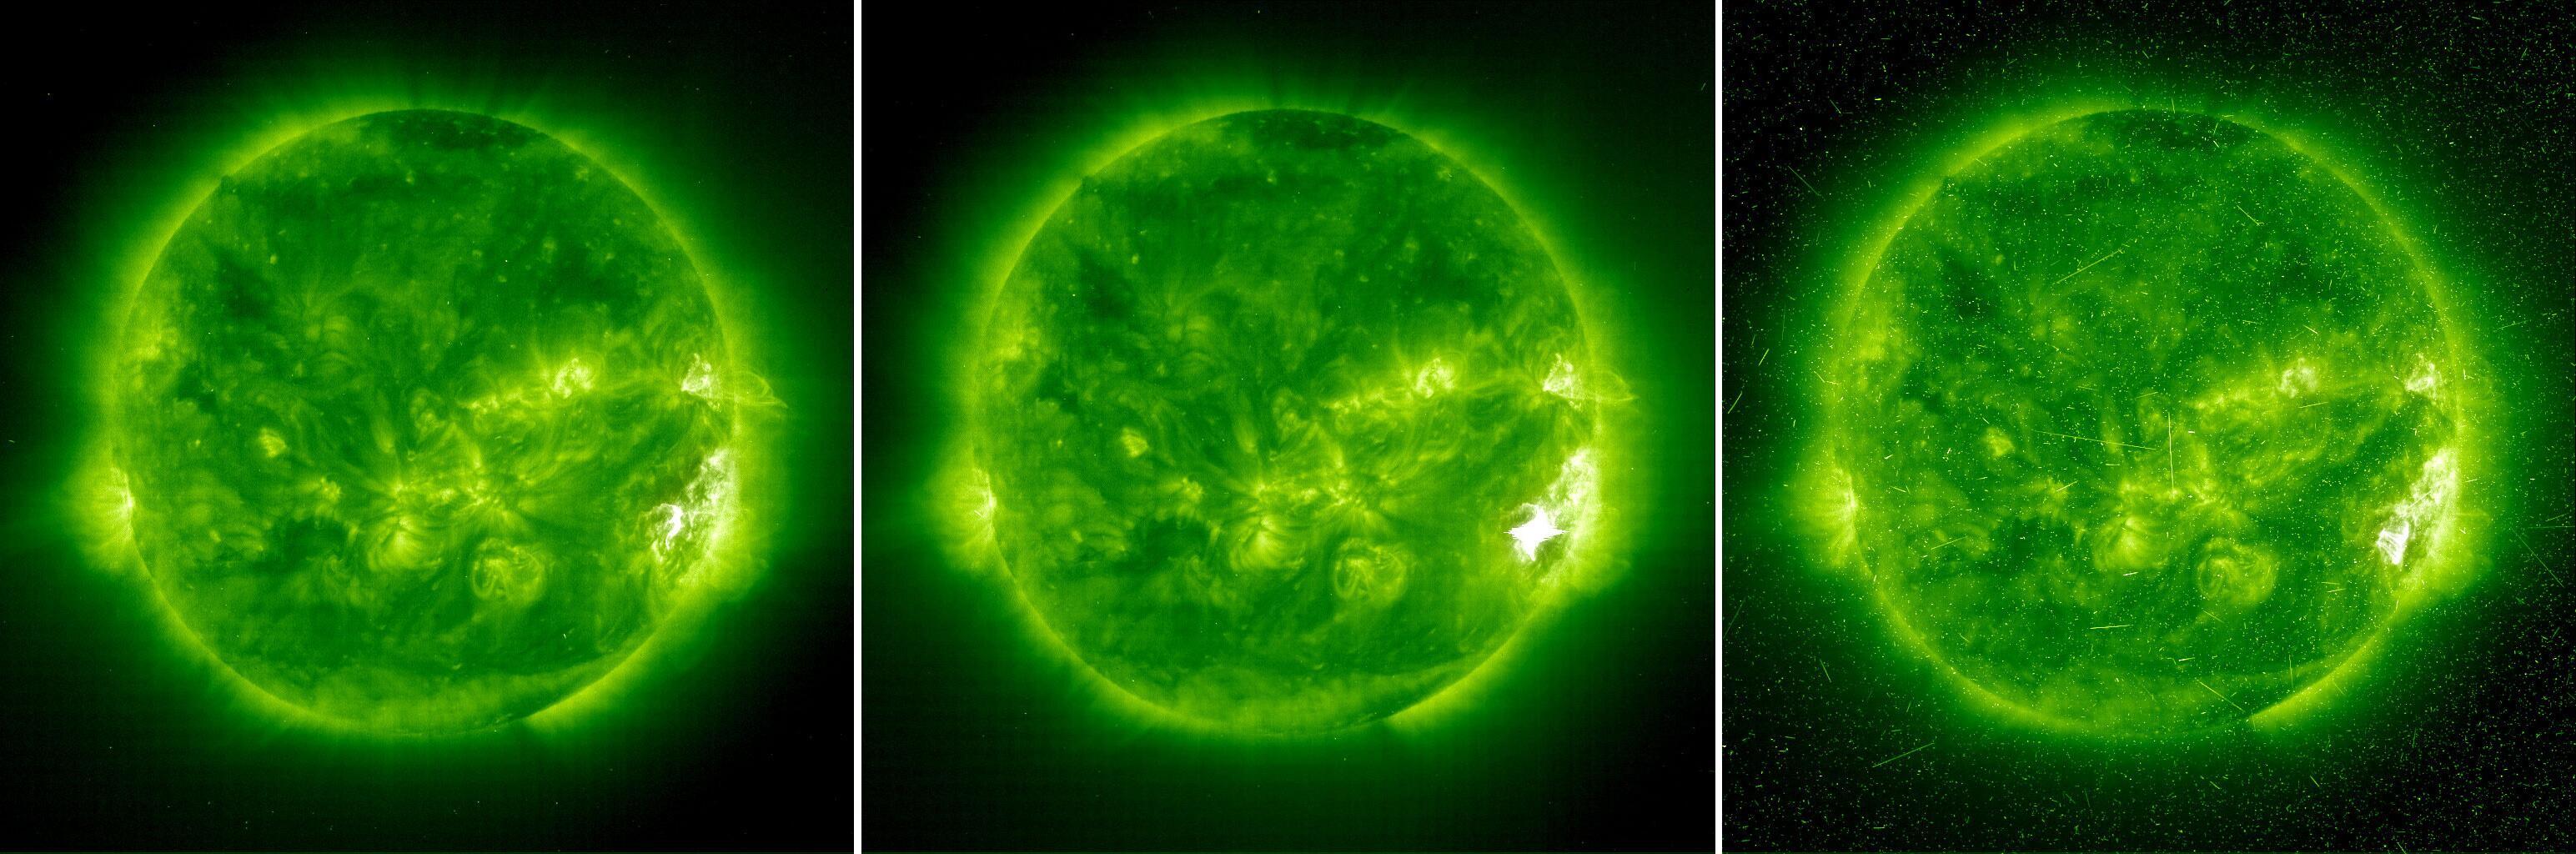 Bild zu Verschiedene Phasen einer Sonneneruption